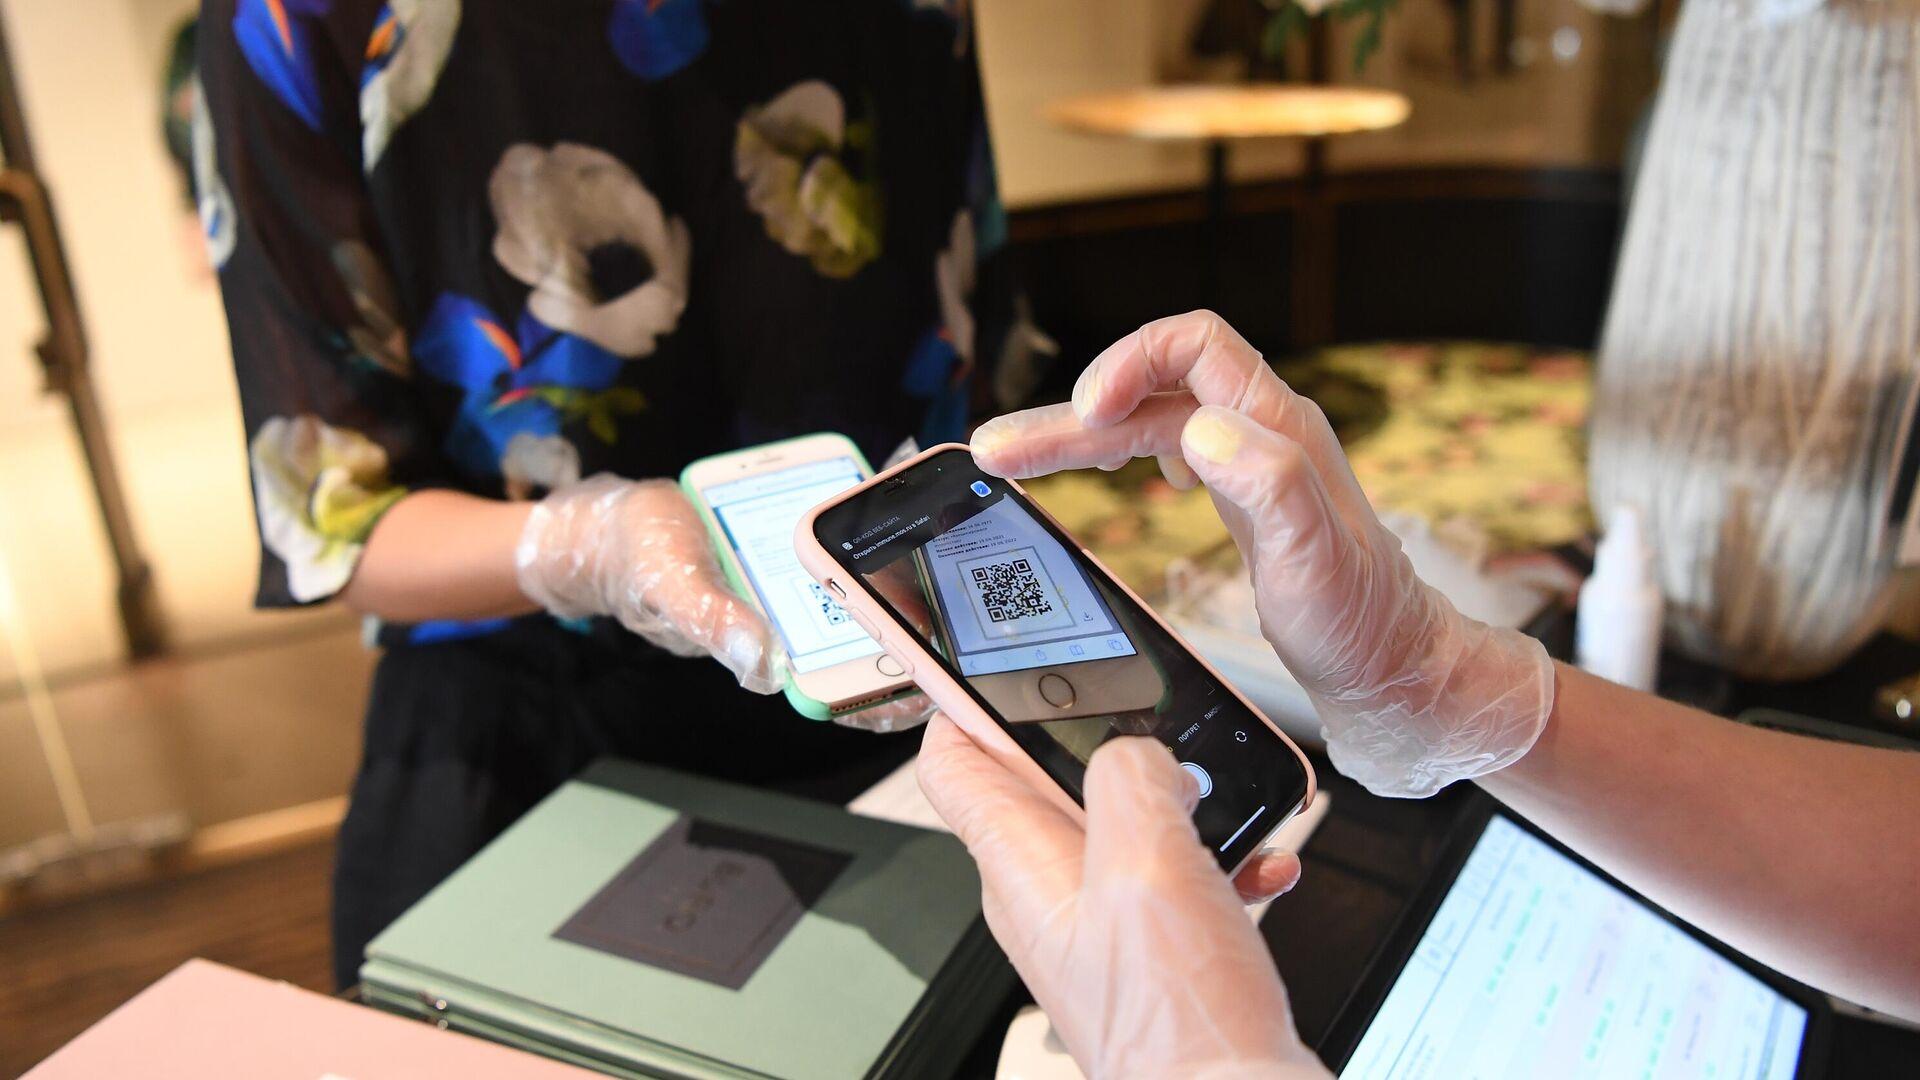 Хостес проверяет наличие и подлинность QR-кода у посетительницы перед посадкой за столик в ресторане BURO TSUM в Москве - РИА Новости, 1920, 19.07.2021